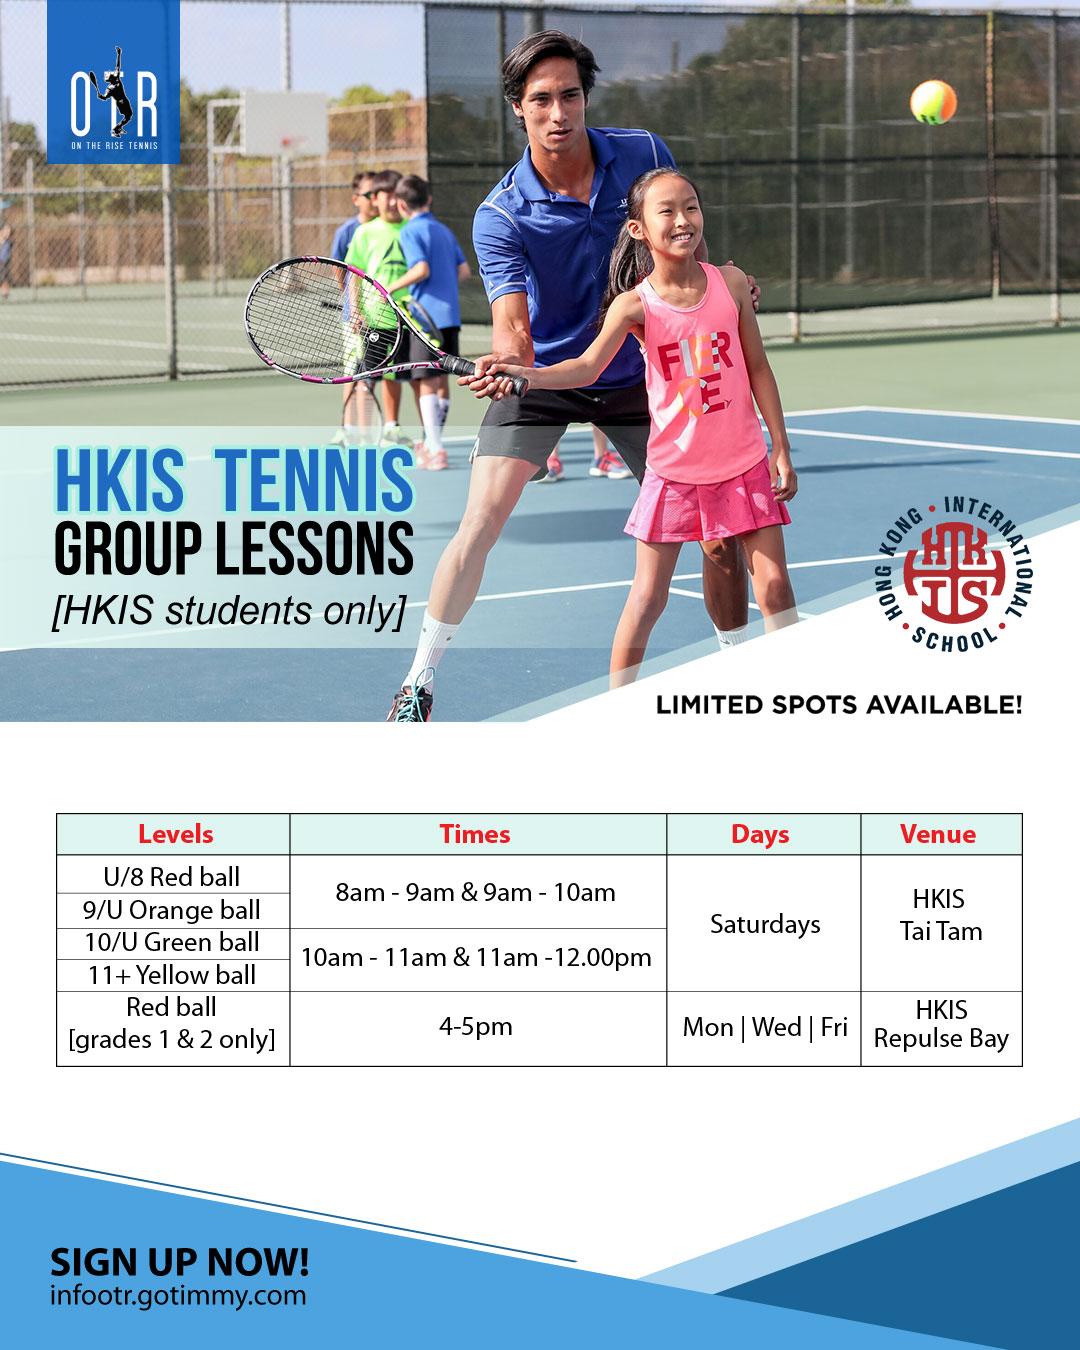 HKIS-Tai-Tam-Weekend-Classes